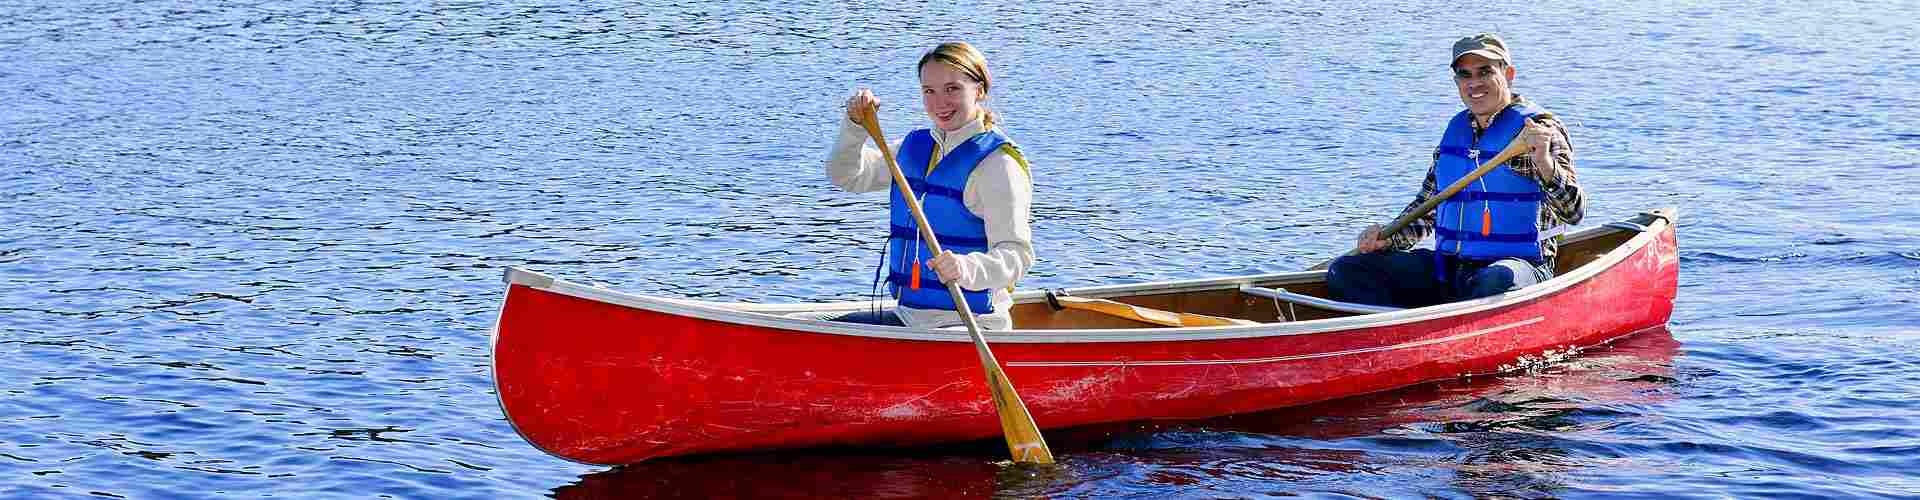 canoas en centrosdeportes de Los Puercos